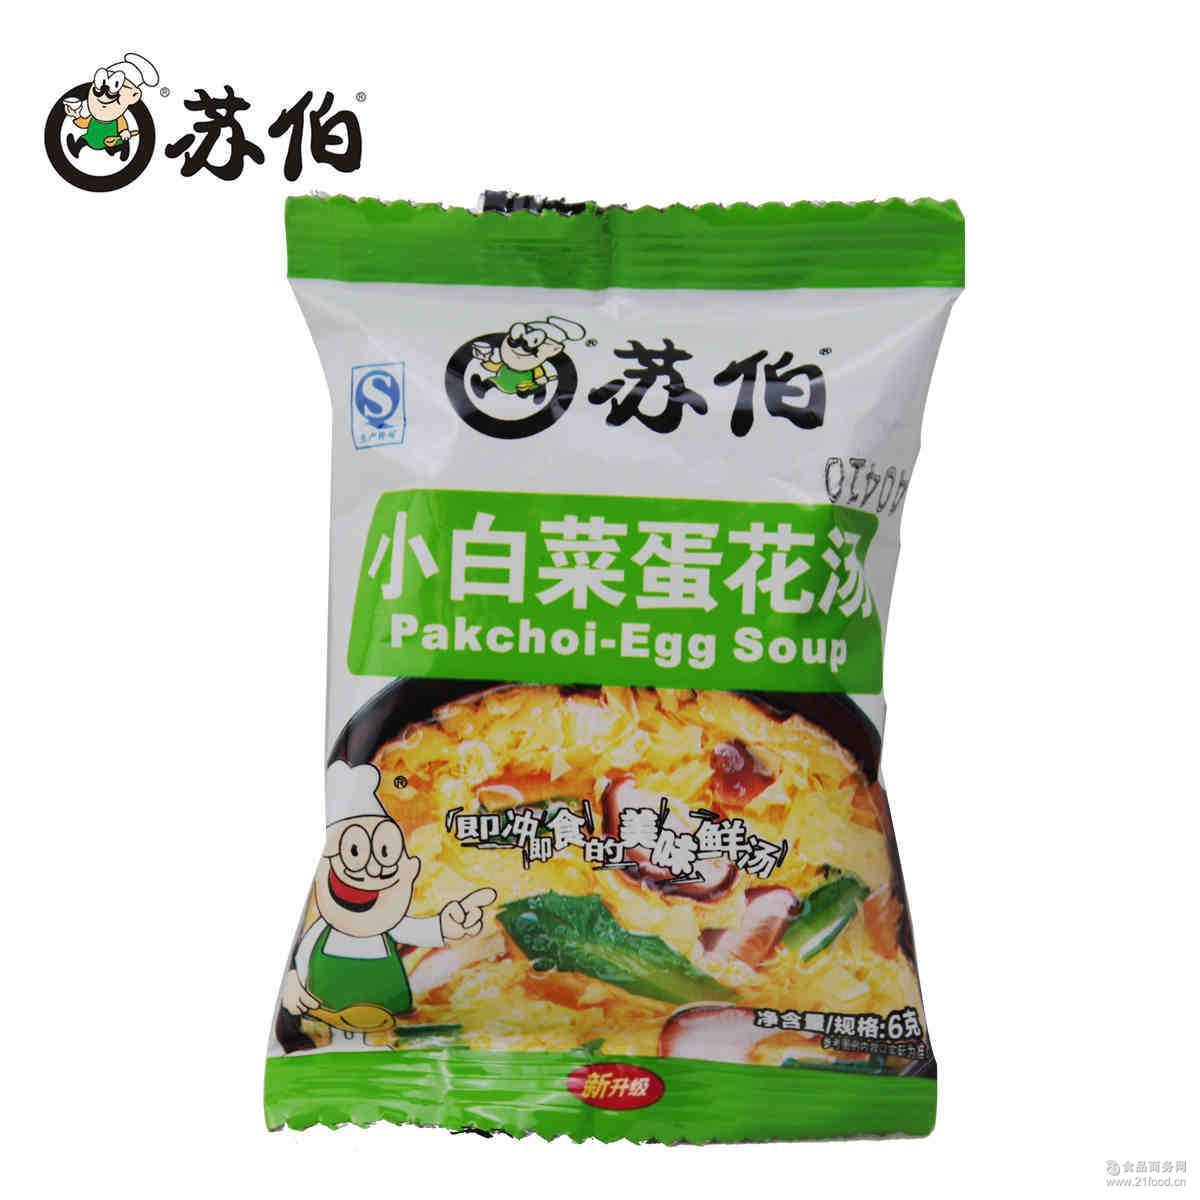 速食店 6g 苏伯汤小白菜蛋花汤 热卖快餐店 *速食汤料